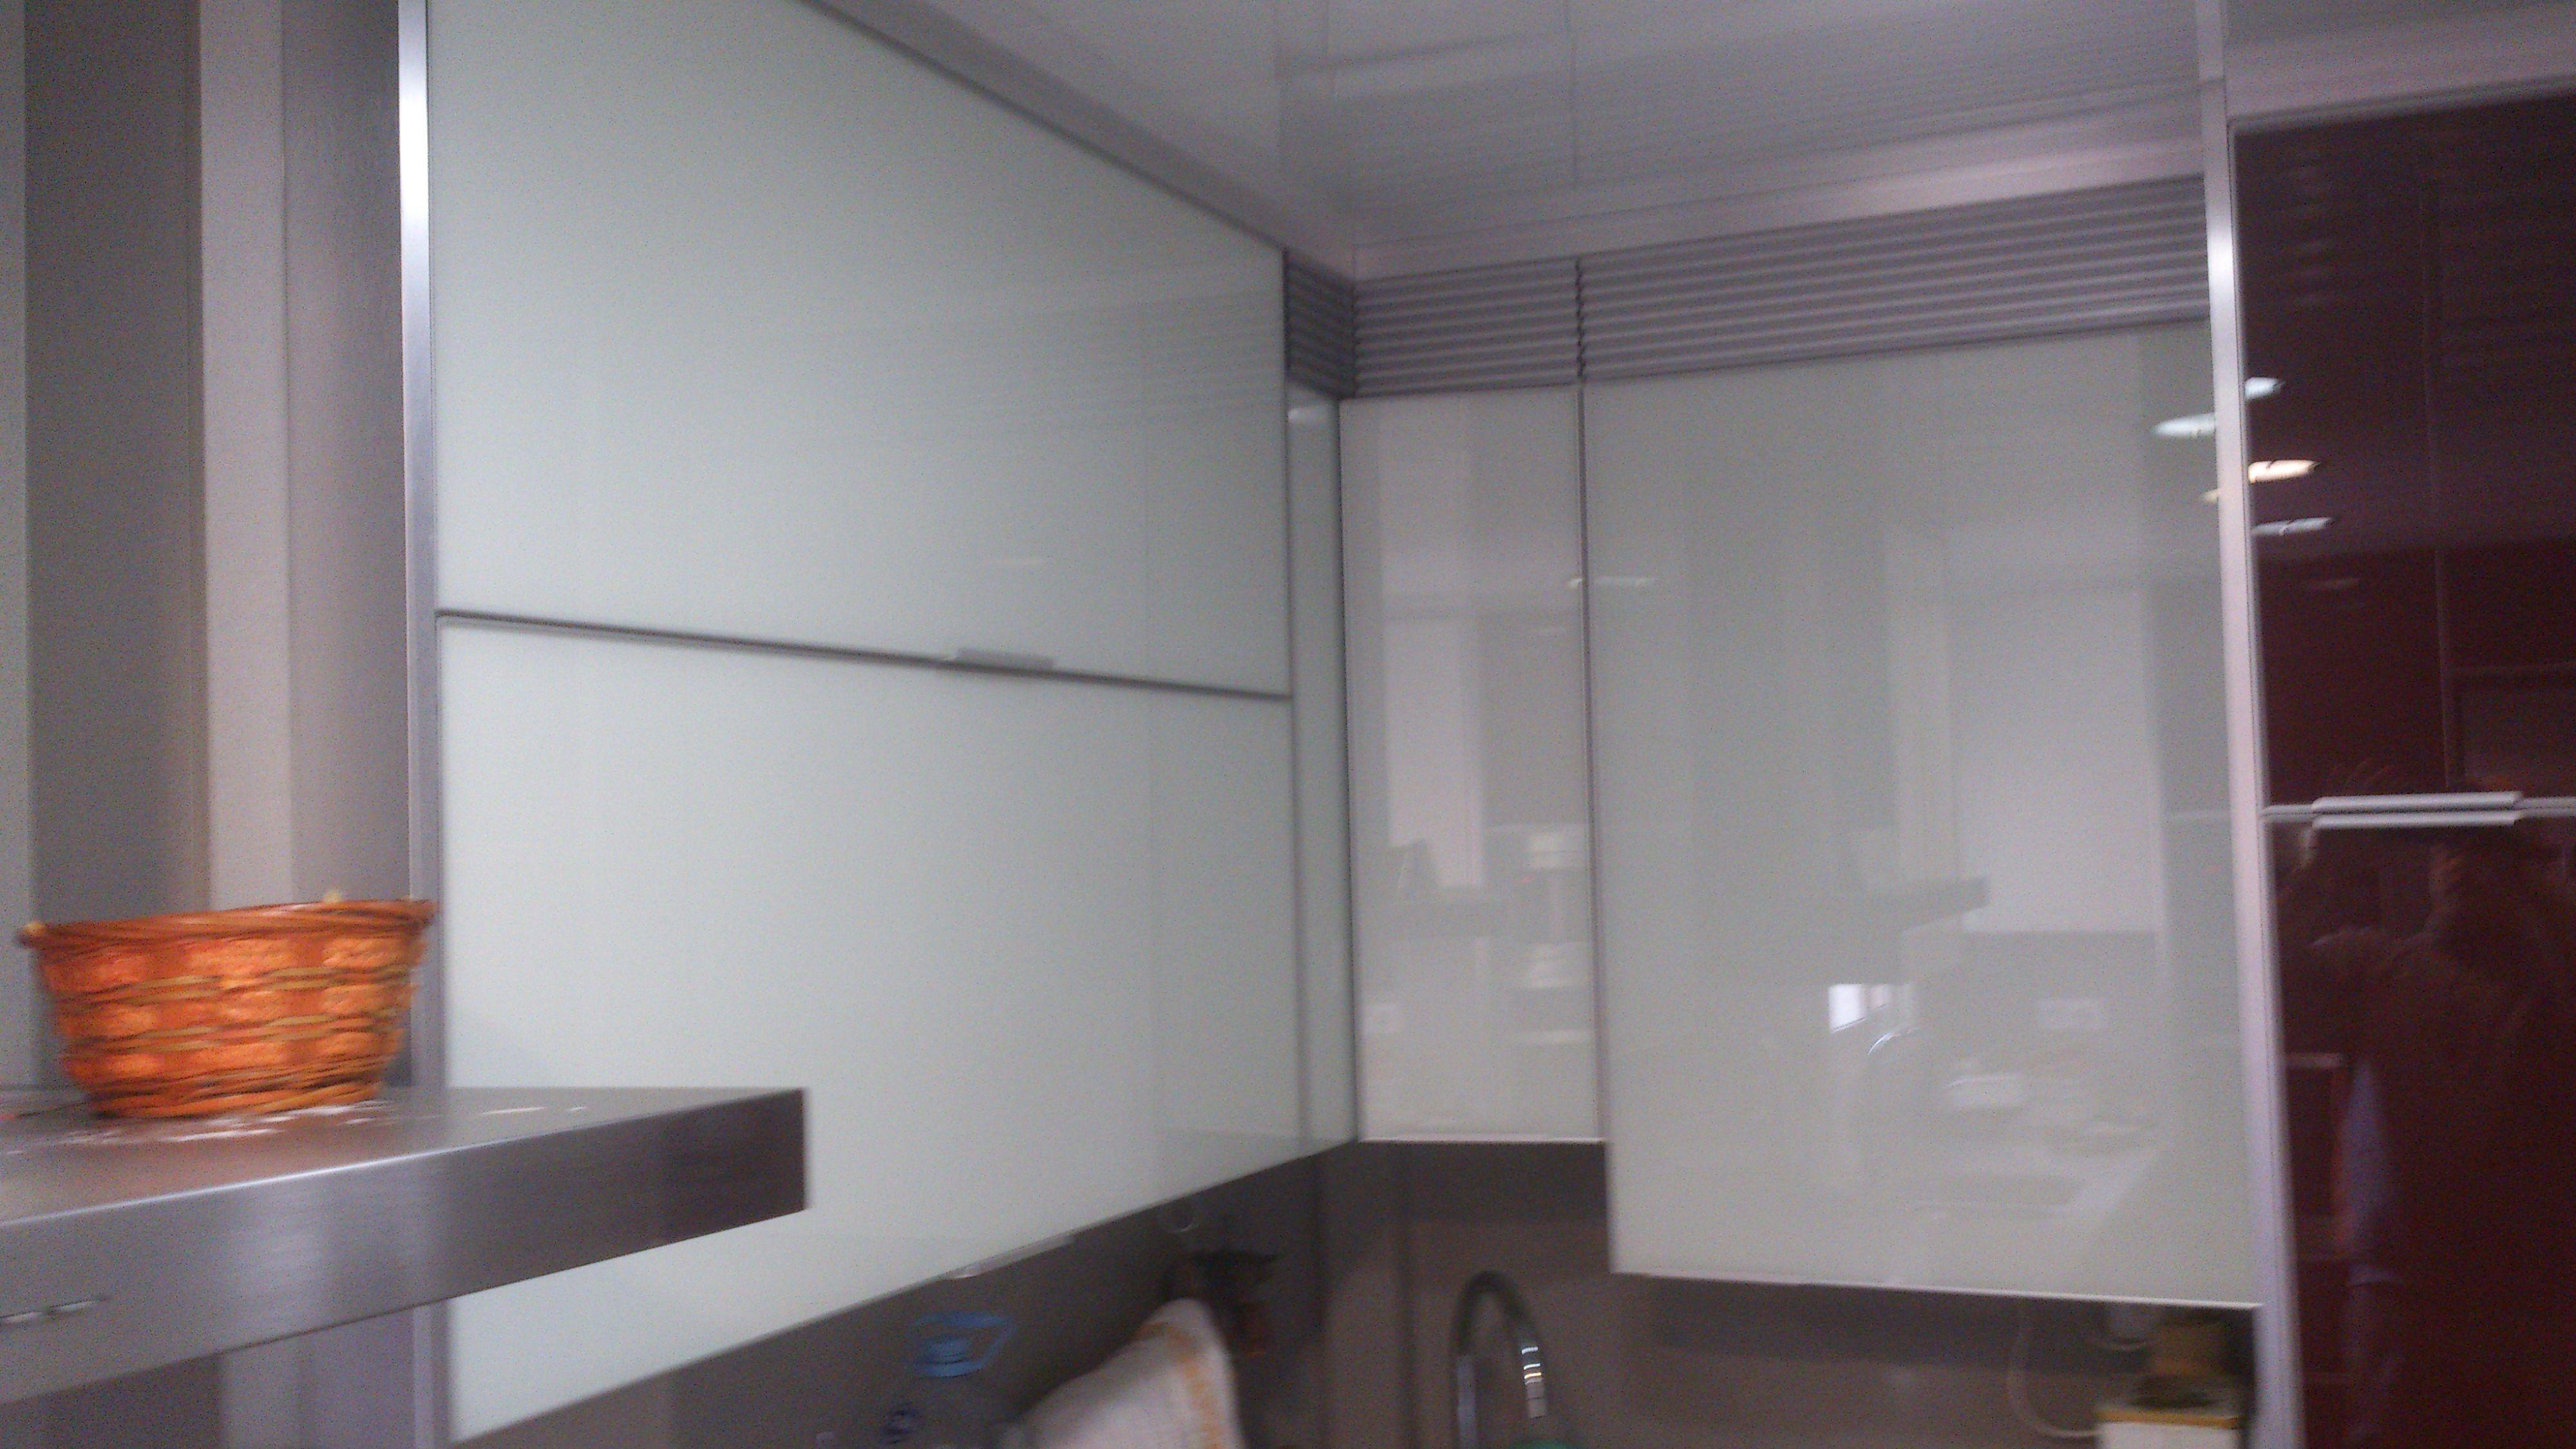 Puertas de cocina de cristal dise os arquitect nicos - Puertas cocina cristal ...